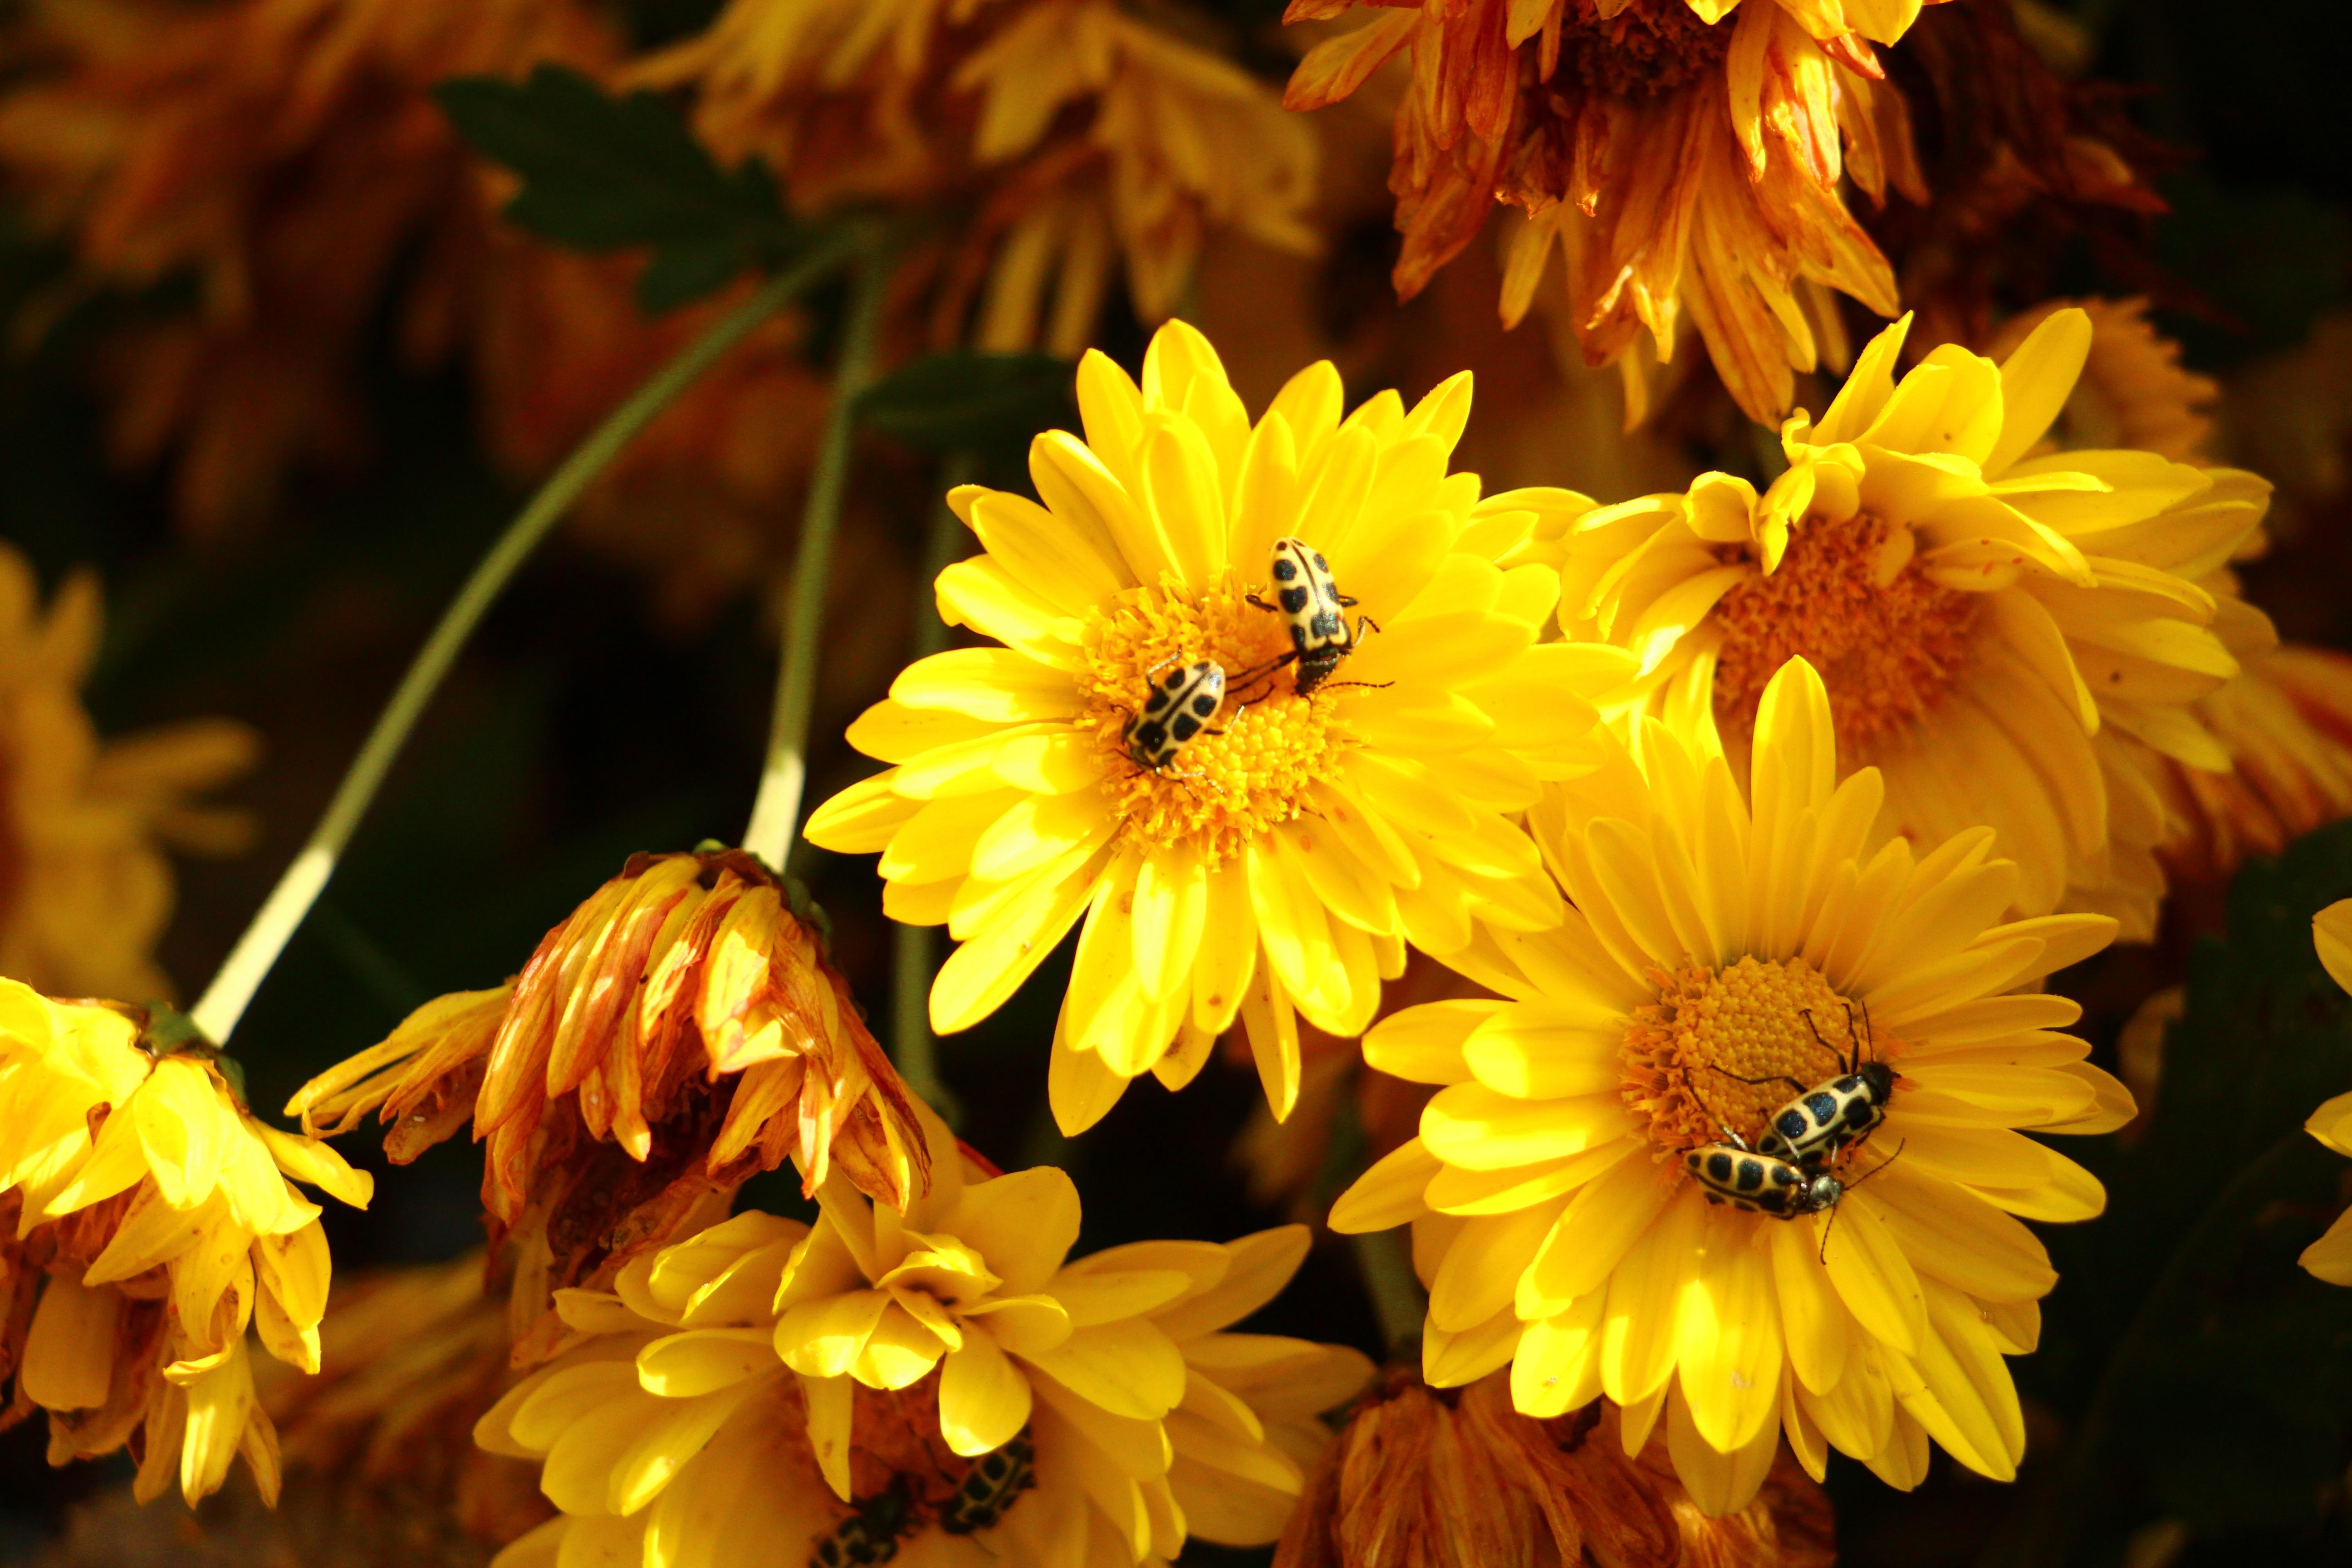 картинка цветы осени шуба это предел